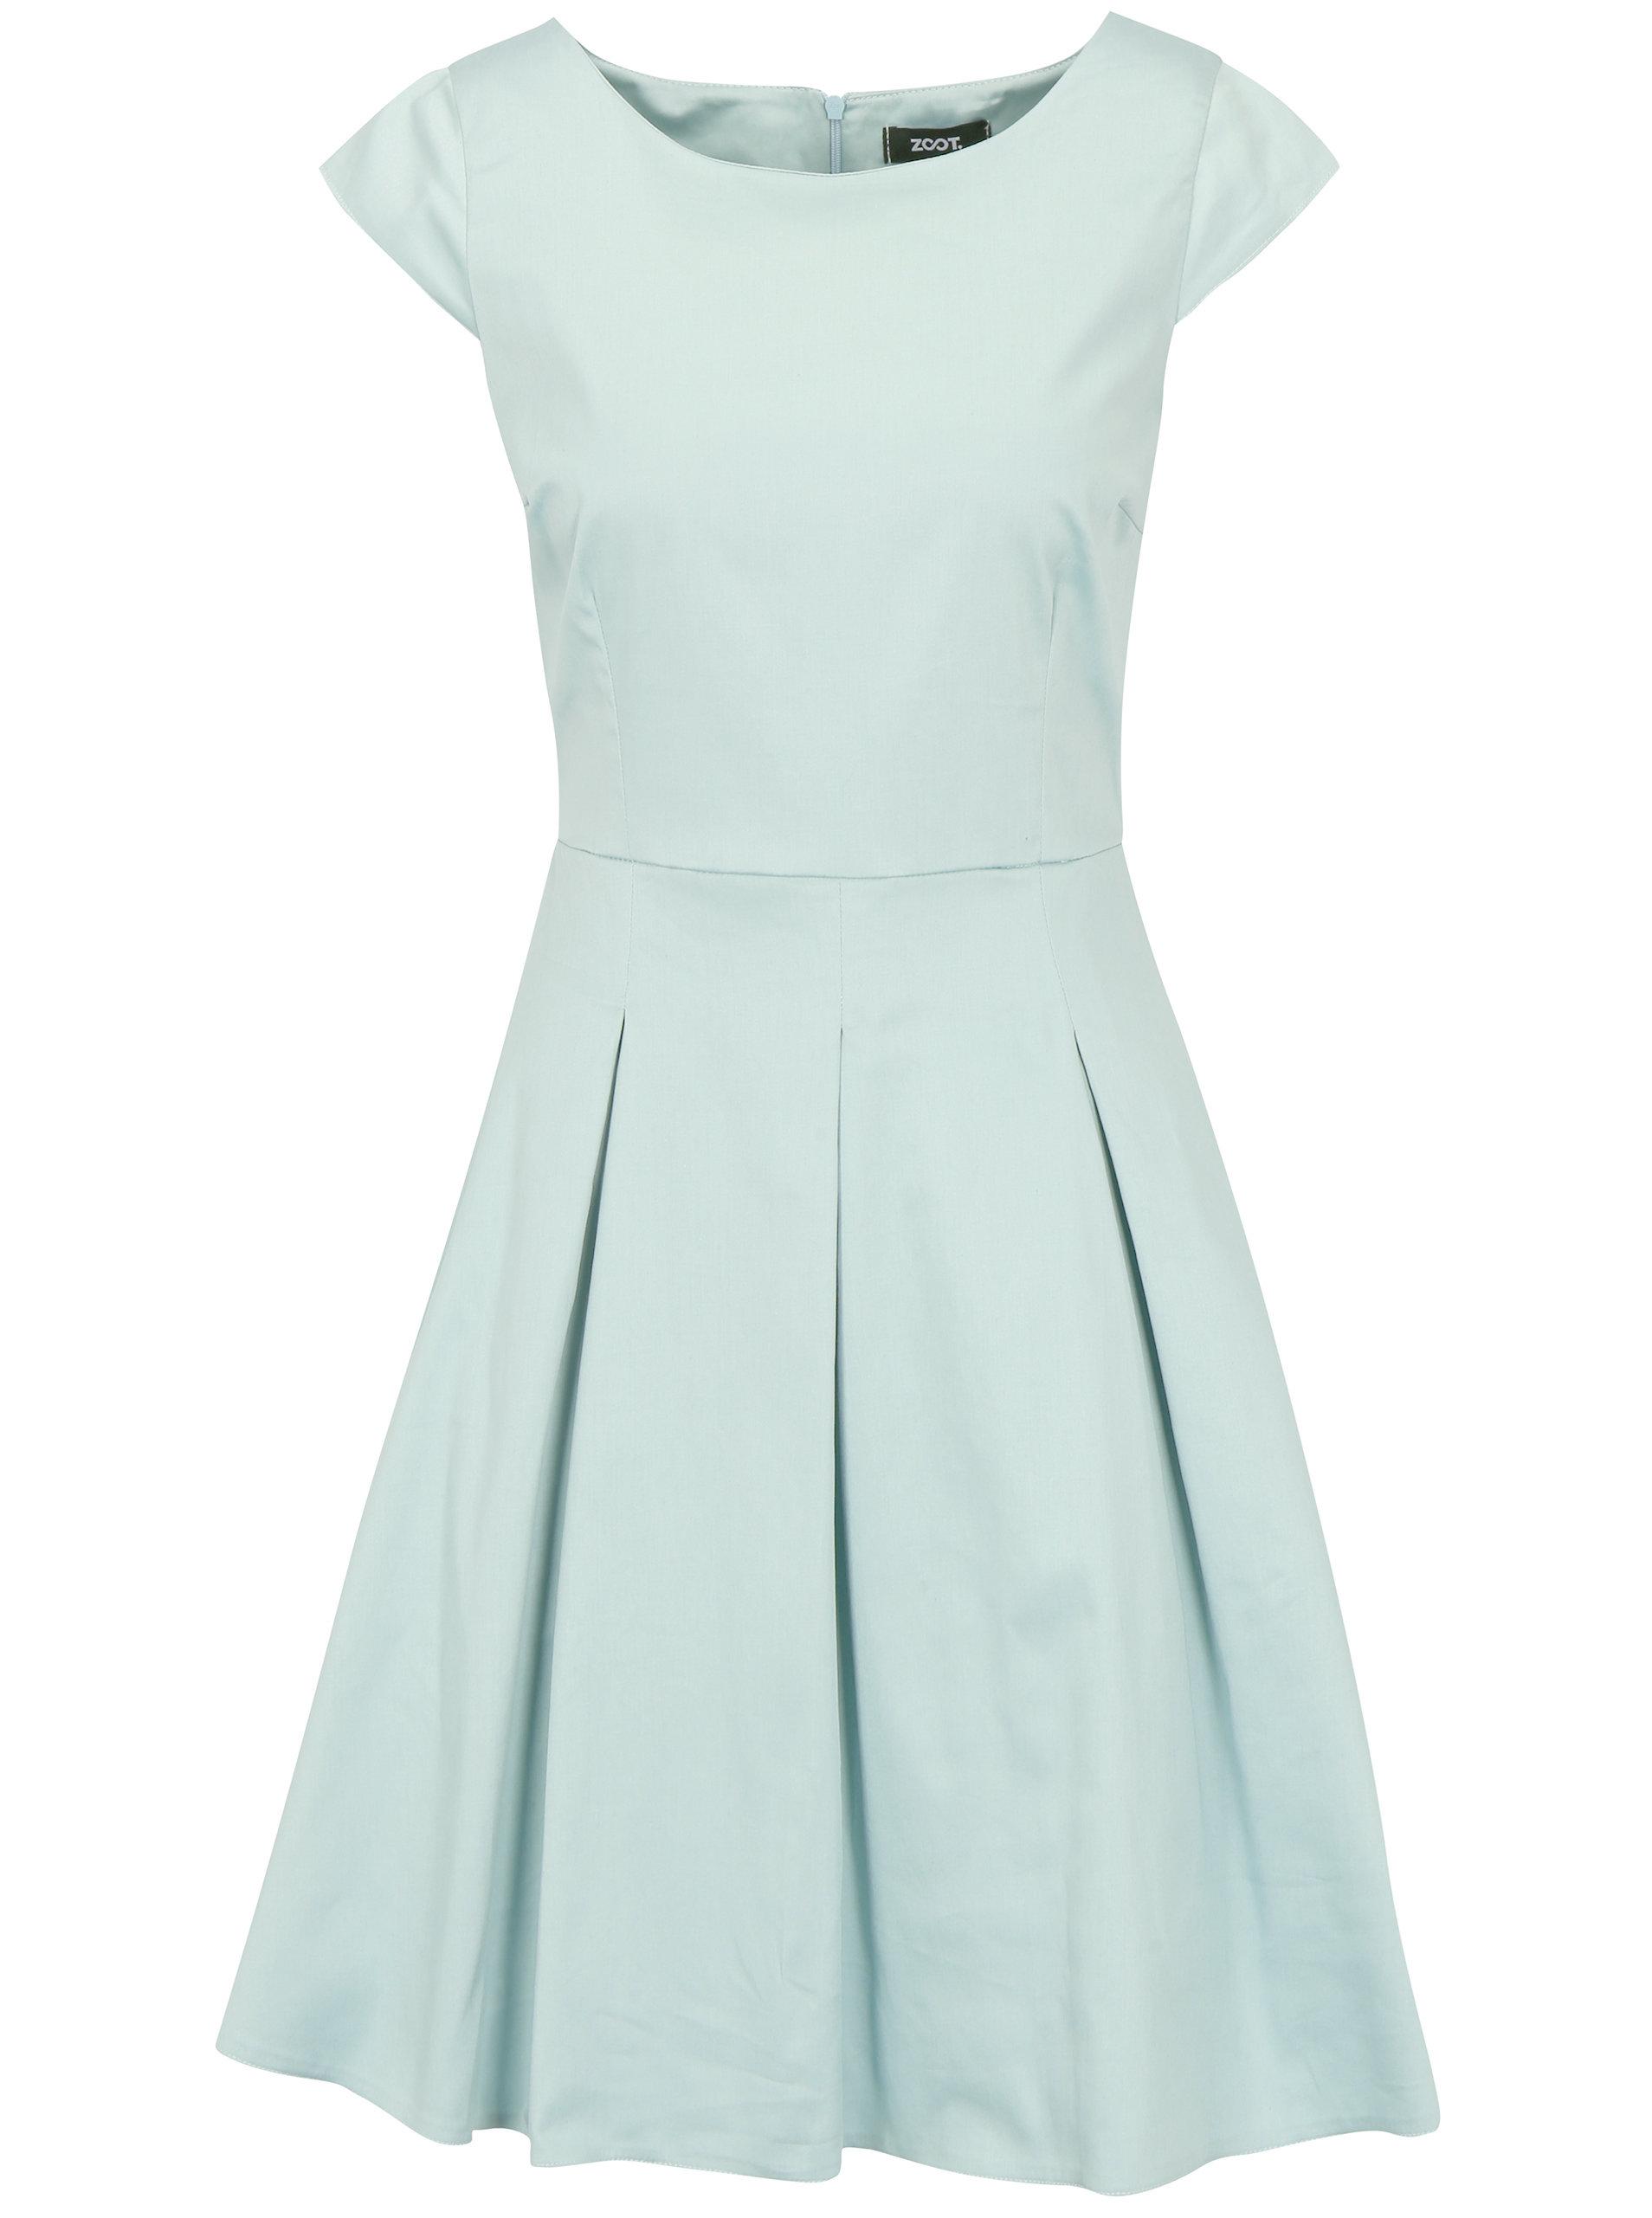 fb9ea9401f93 Mentolové šaty s áčkovou sukní ZOOT ...